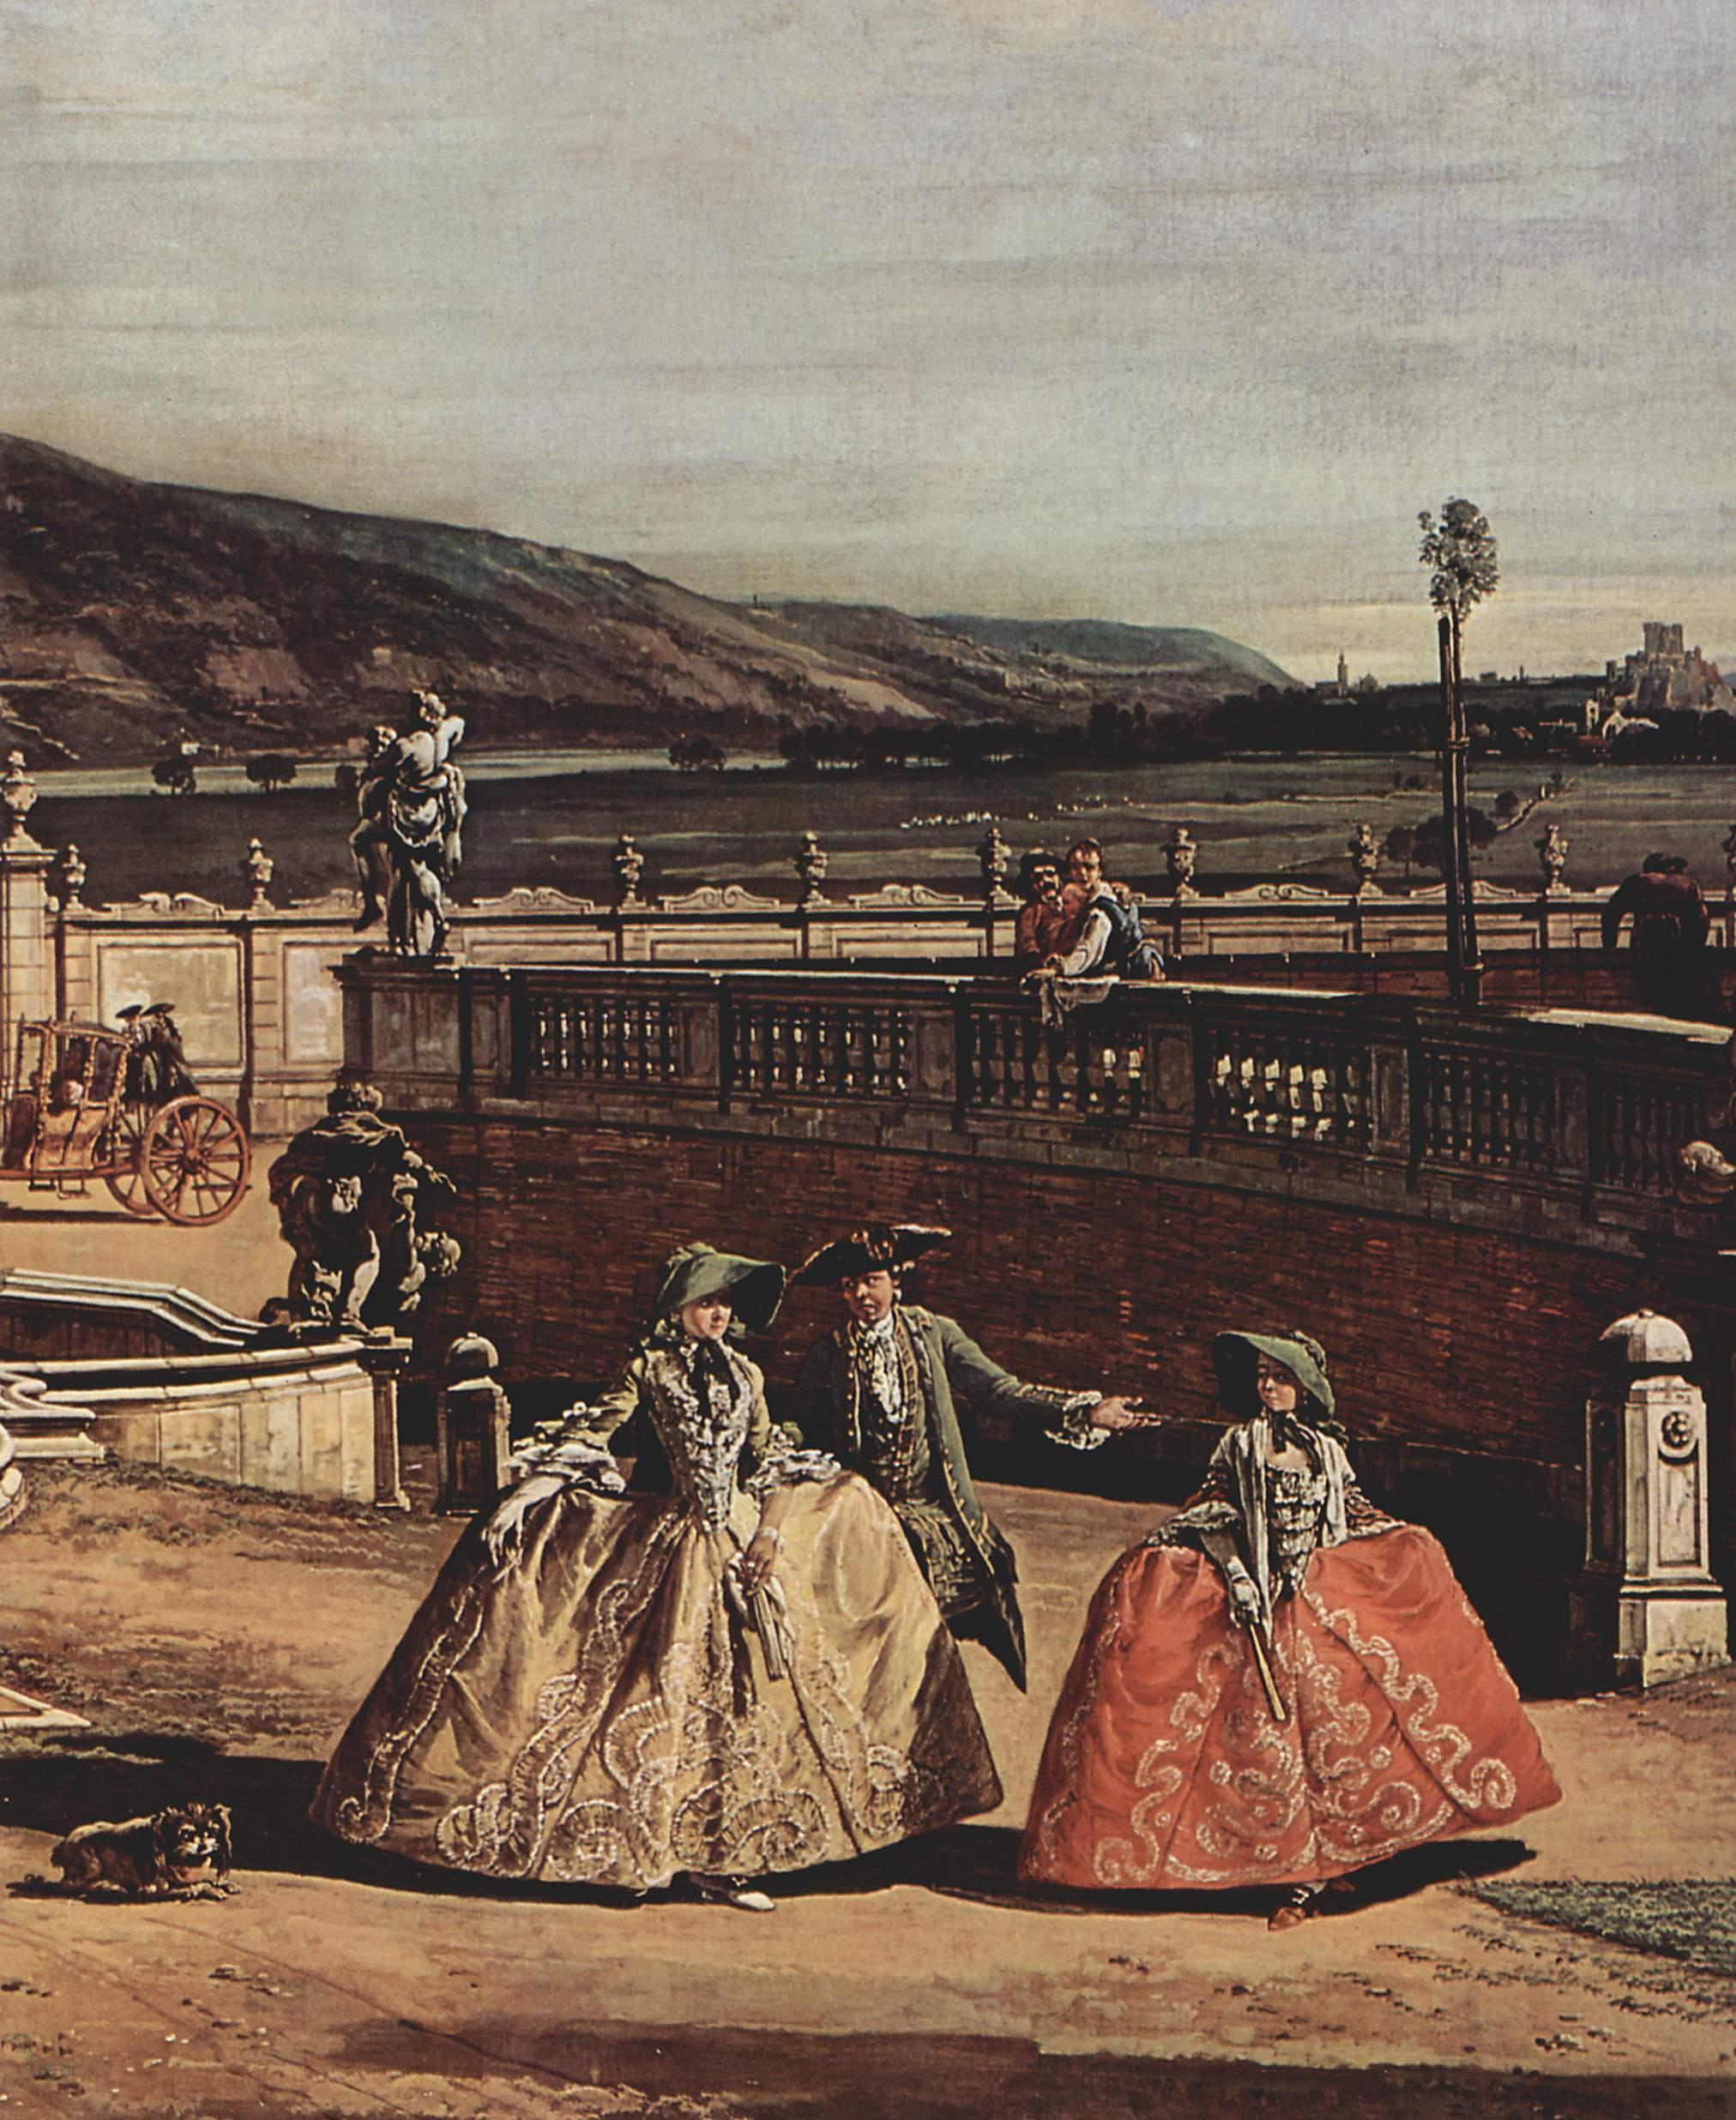 Вид Вены, замок, парадный двор, общий вид замка. Деталь, Джованни Антонио Каналетто 1